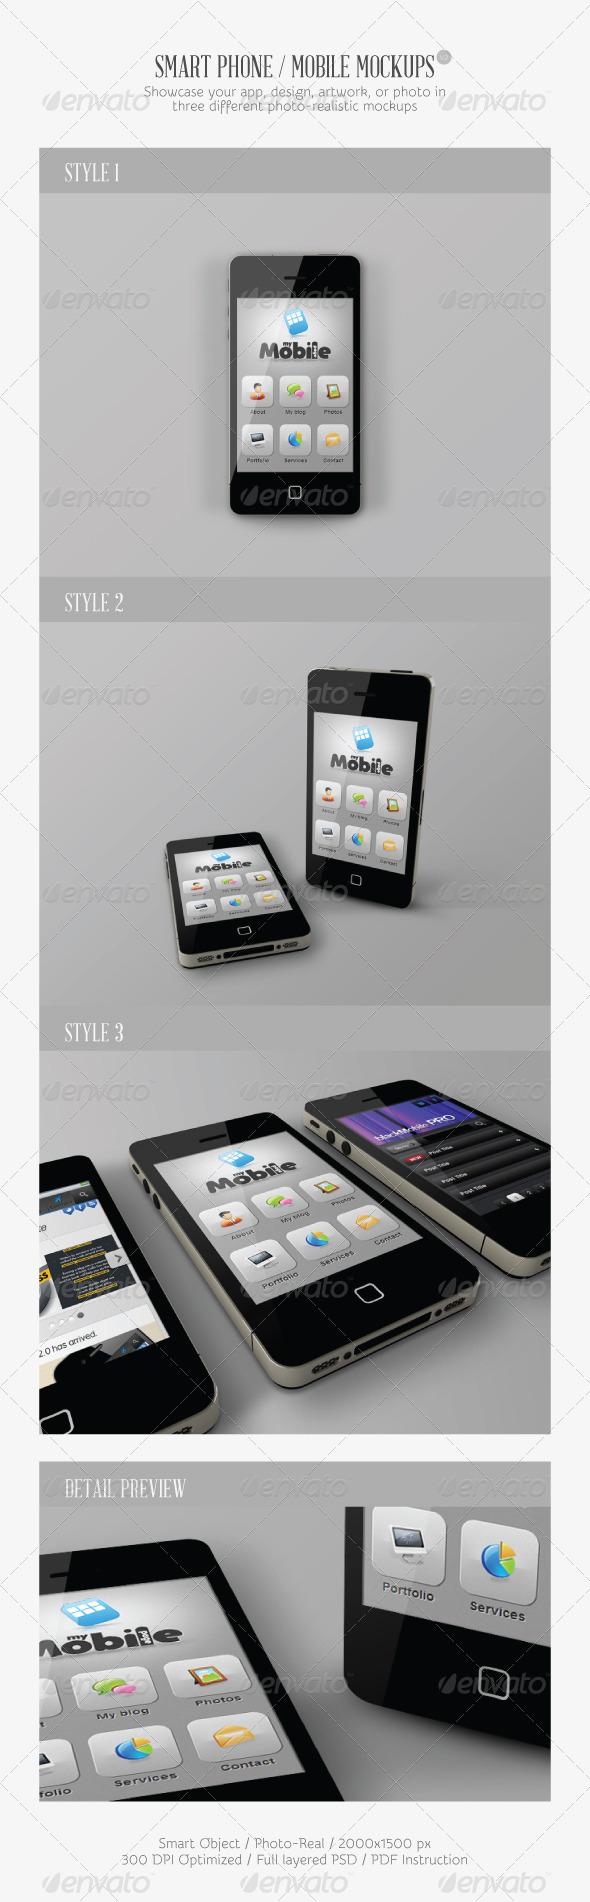 GraphicRiver Smart Phone Mobile Mock-ups V2 2601335